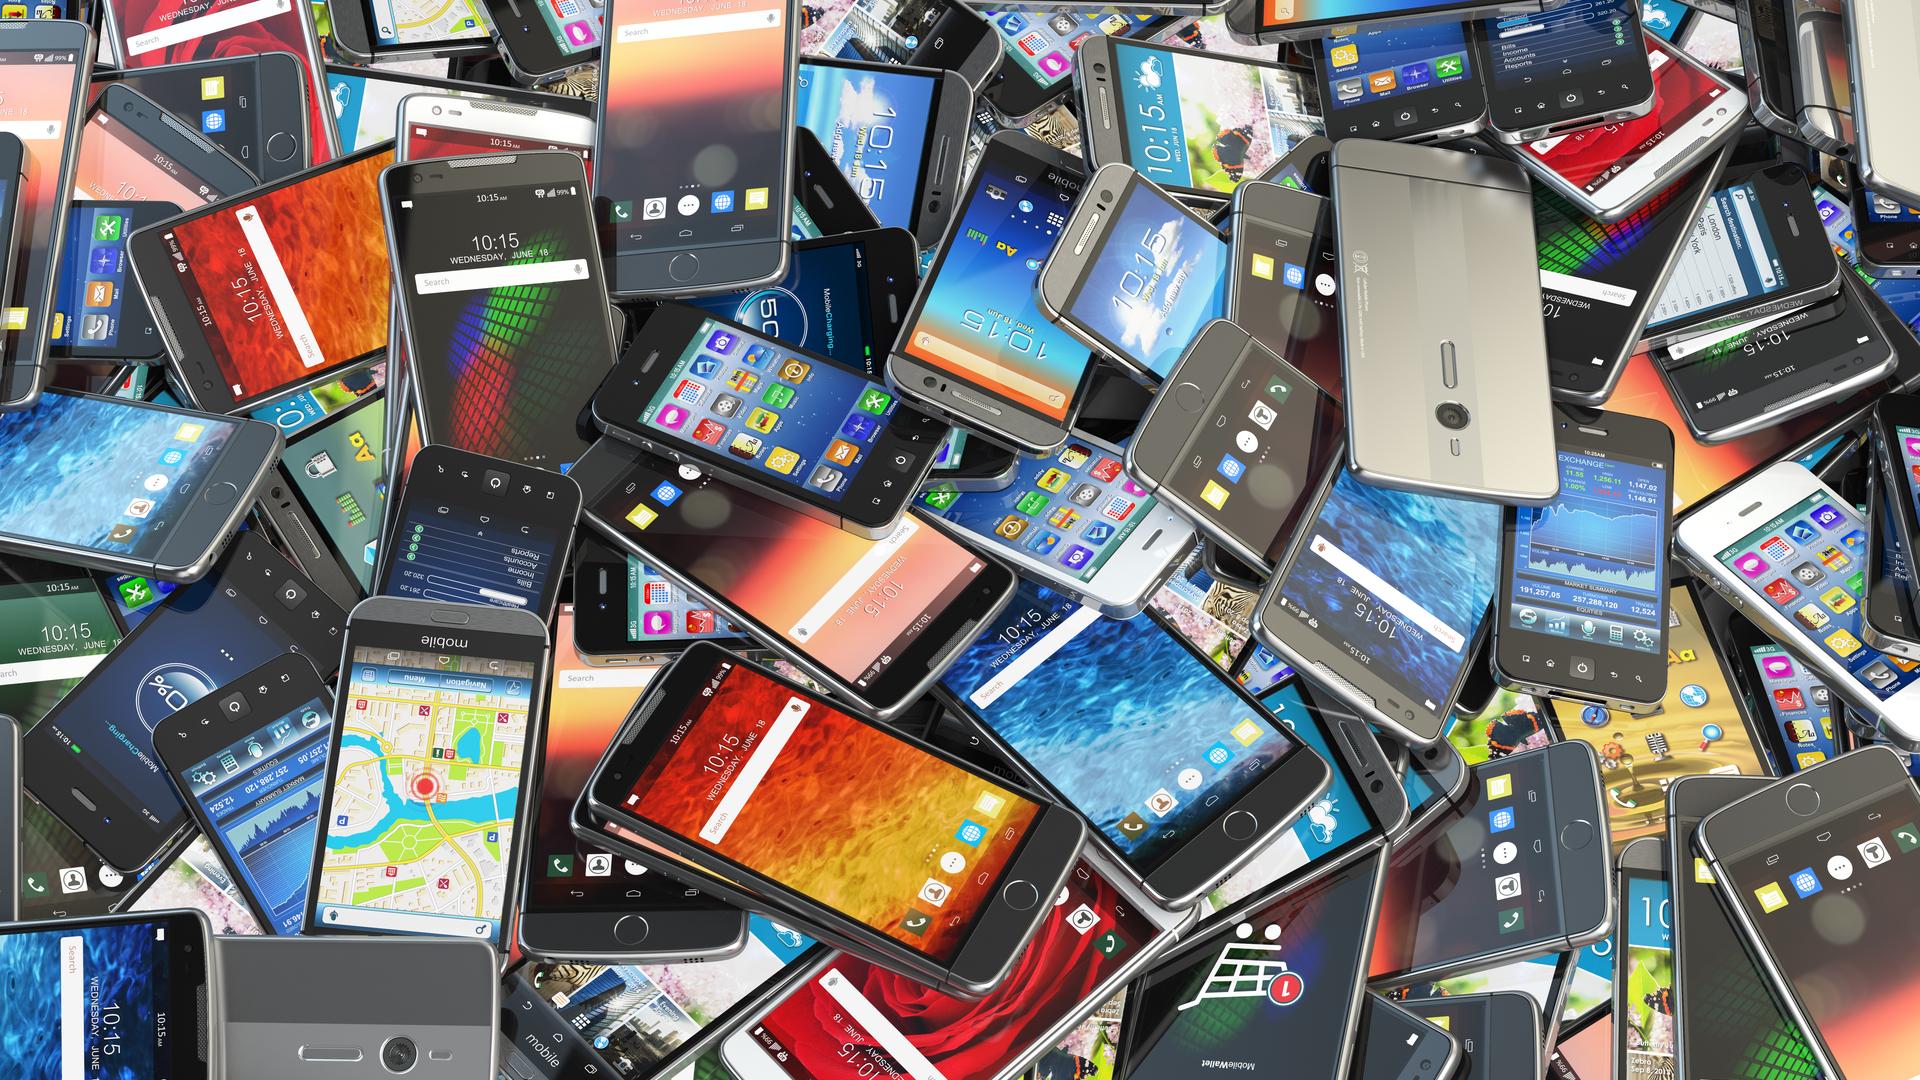 2020-й год рынок смартфонов в России закончит с ростом 1-2%